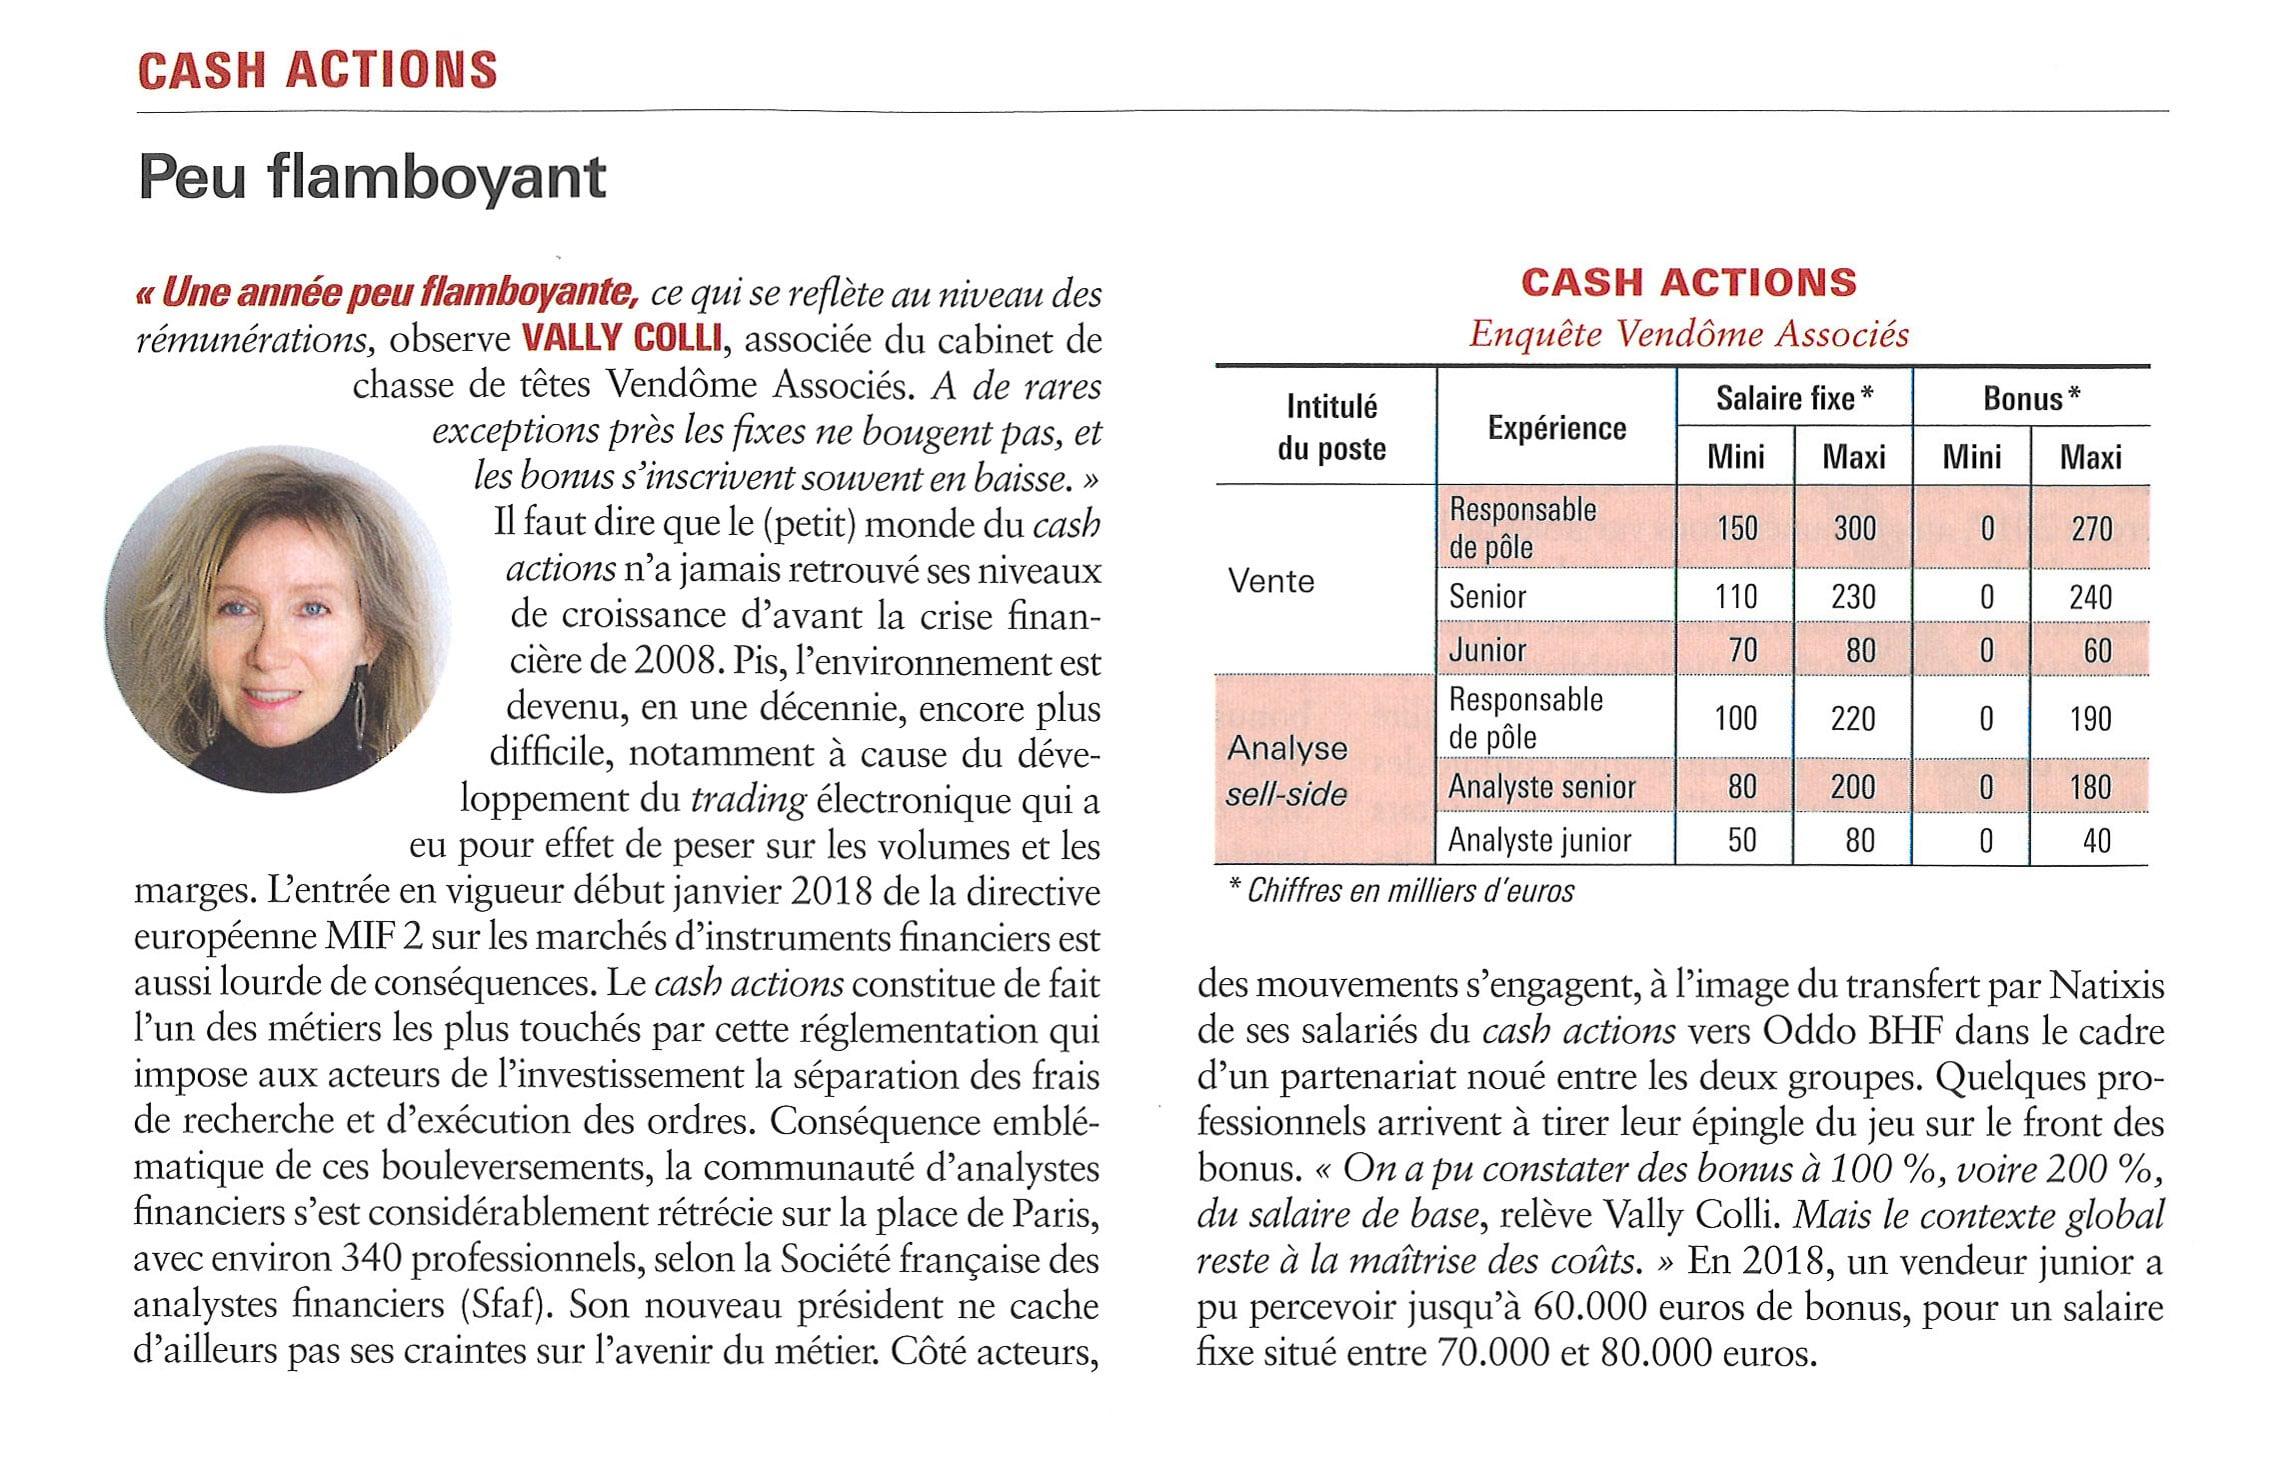 2018-AGEFI-bonus-cash actions